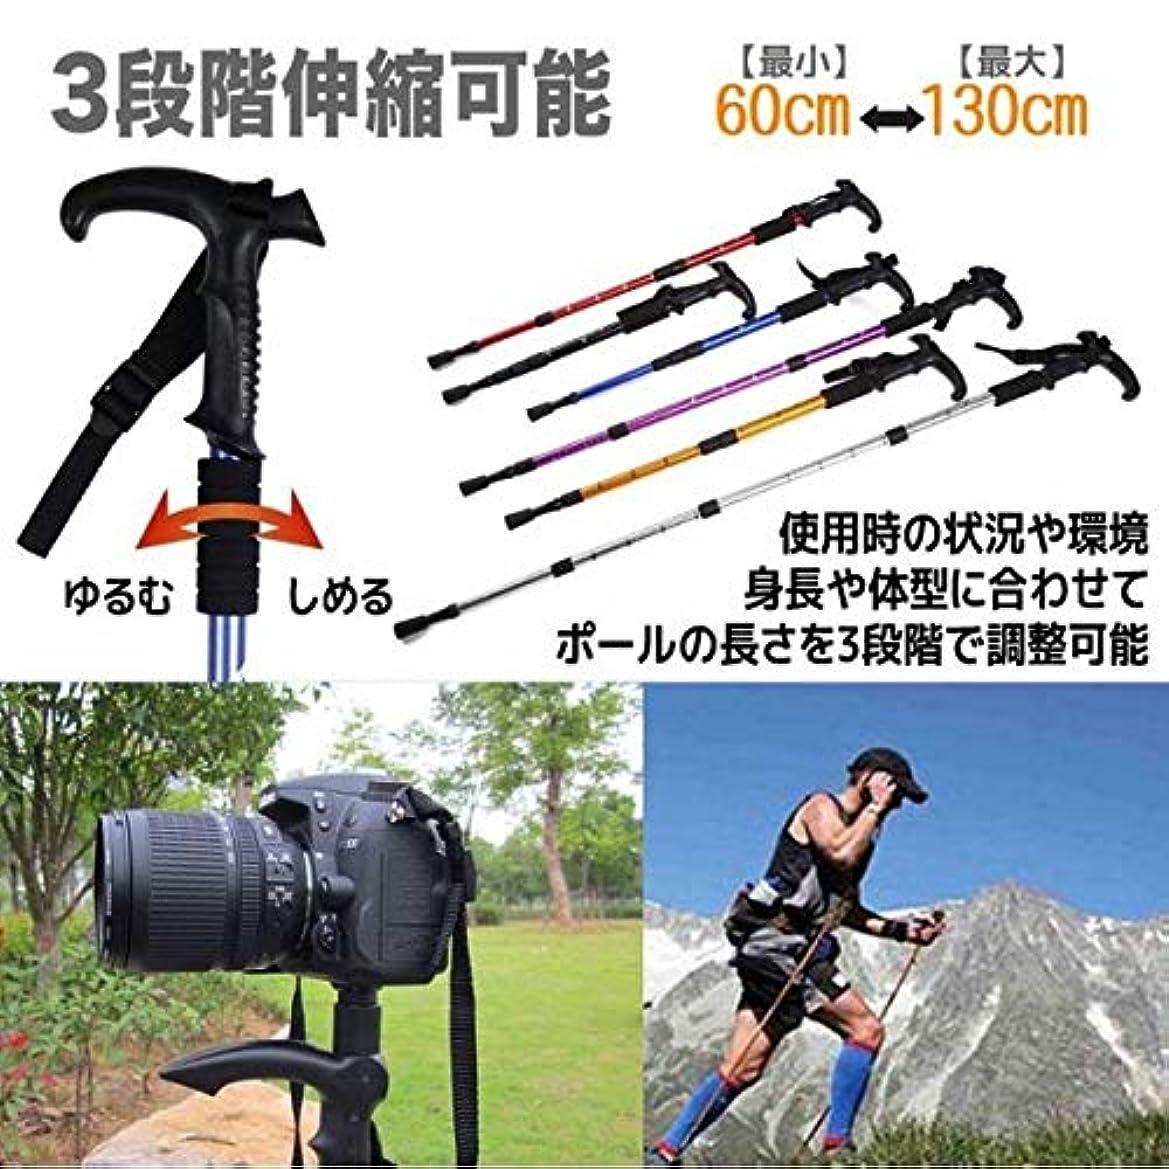 おそらく鉛保全カメラ一脚トレッキングポール ウォーキングポール T型 登山 ストック ステッキ杖 軽量